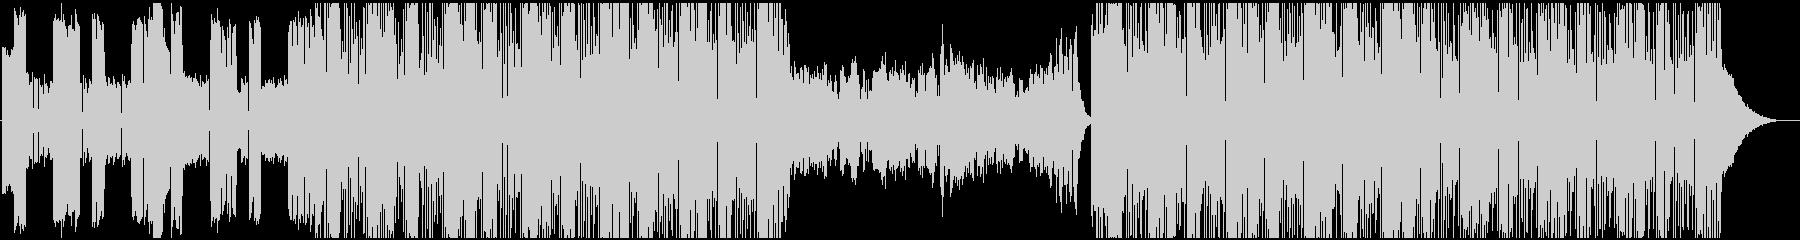 キルビル的戦闘向けデジタルロックBGMの未再生の波形